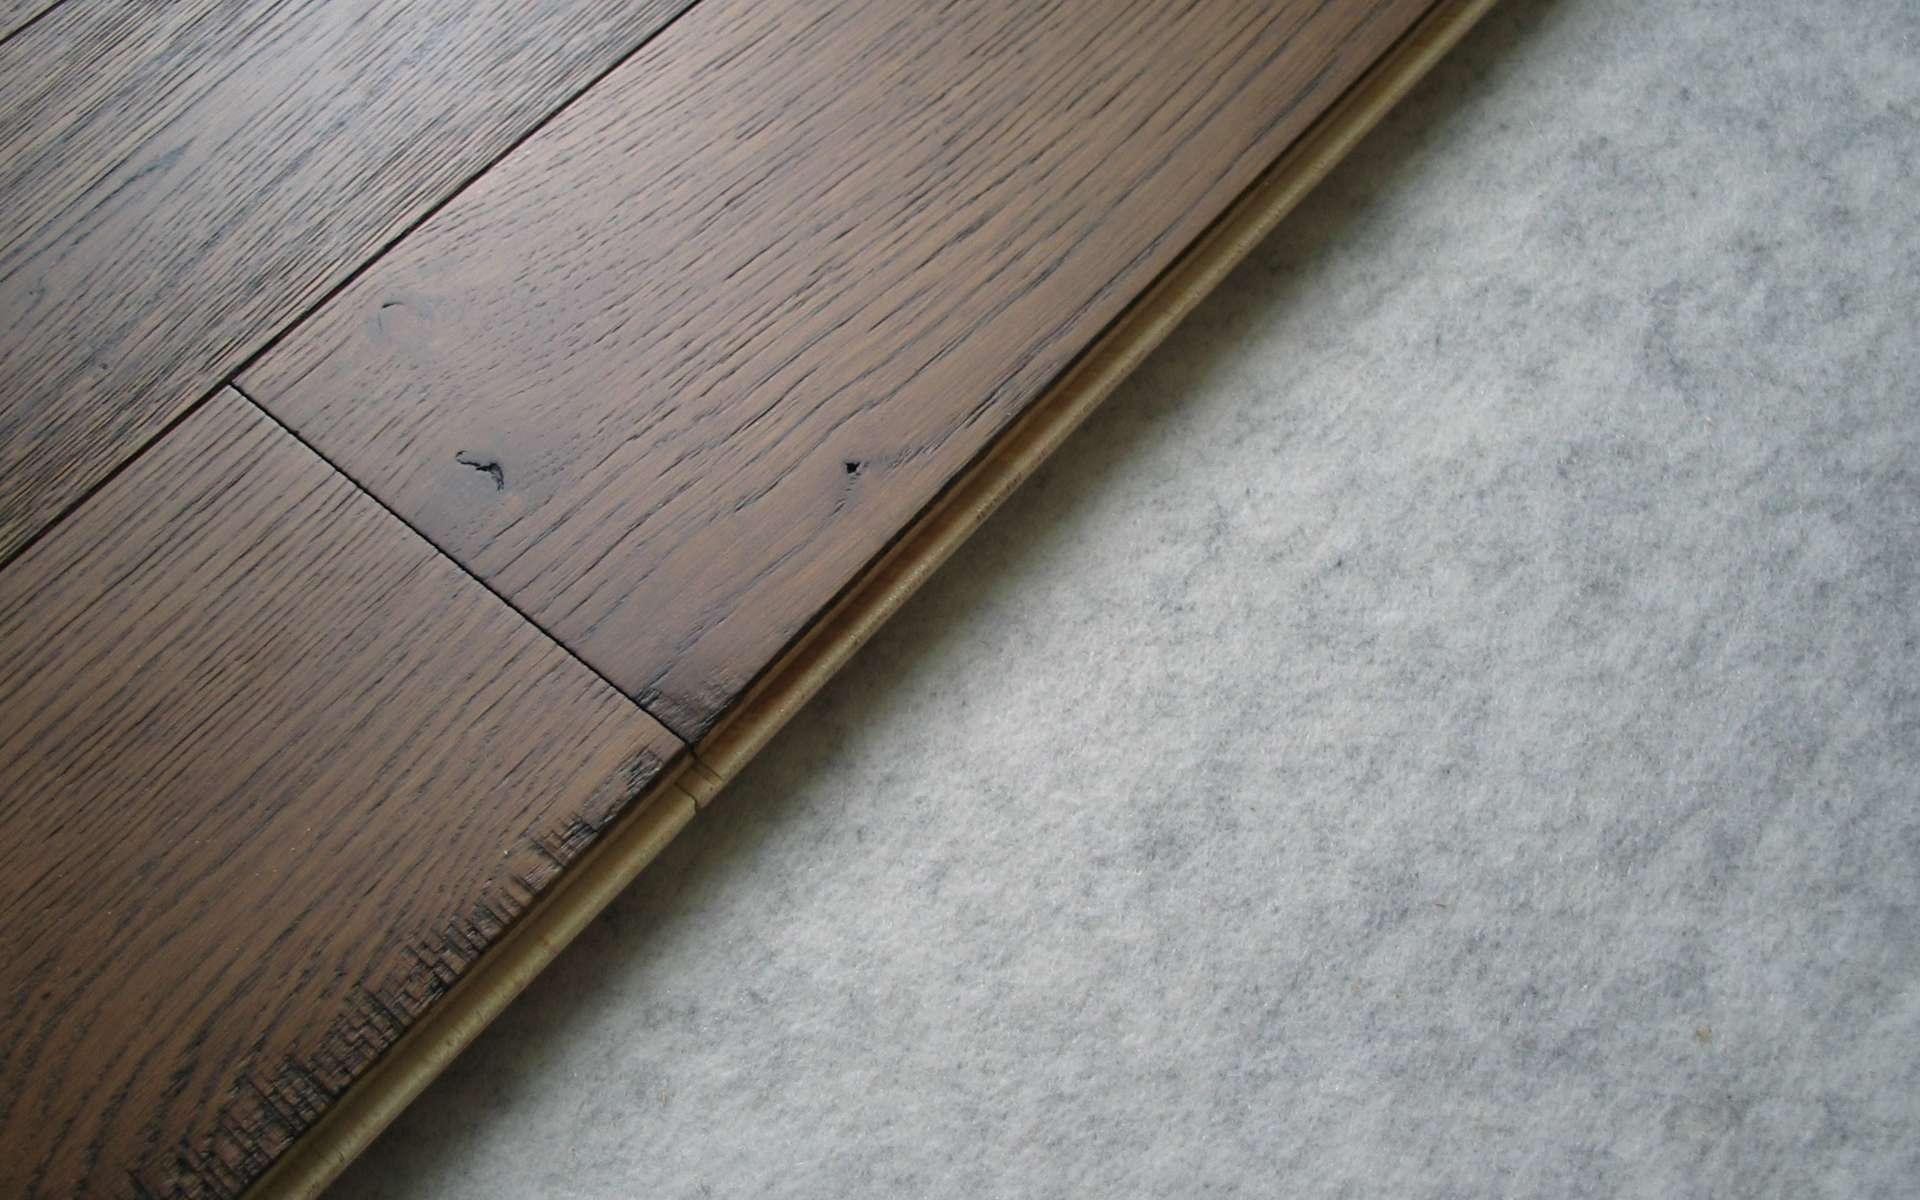 Le parquet flottant est un revêtement dont les lames de bois sont assemblées entre elles. © DocteurCosmos, CC BY-SA 2.0, Wikimedia Commons